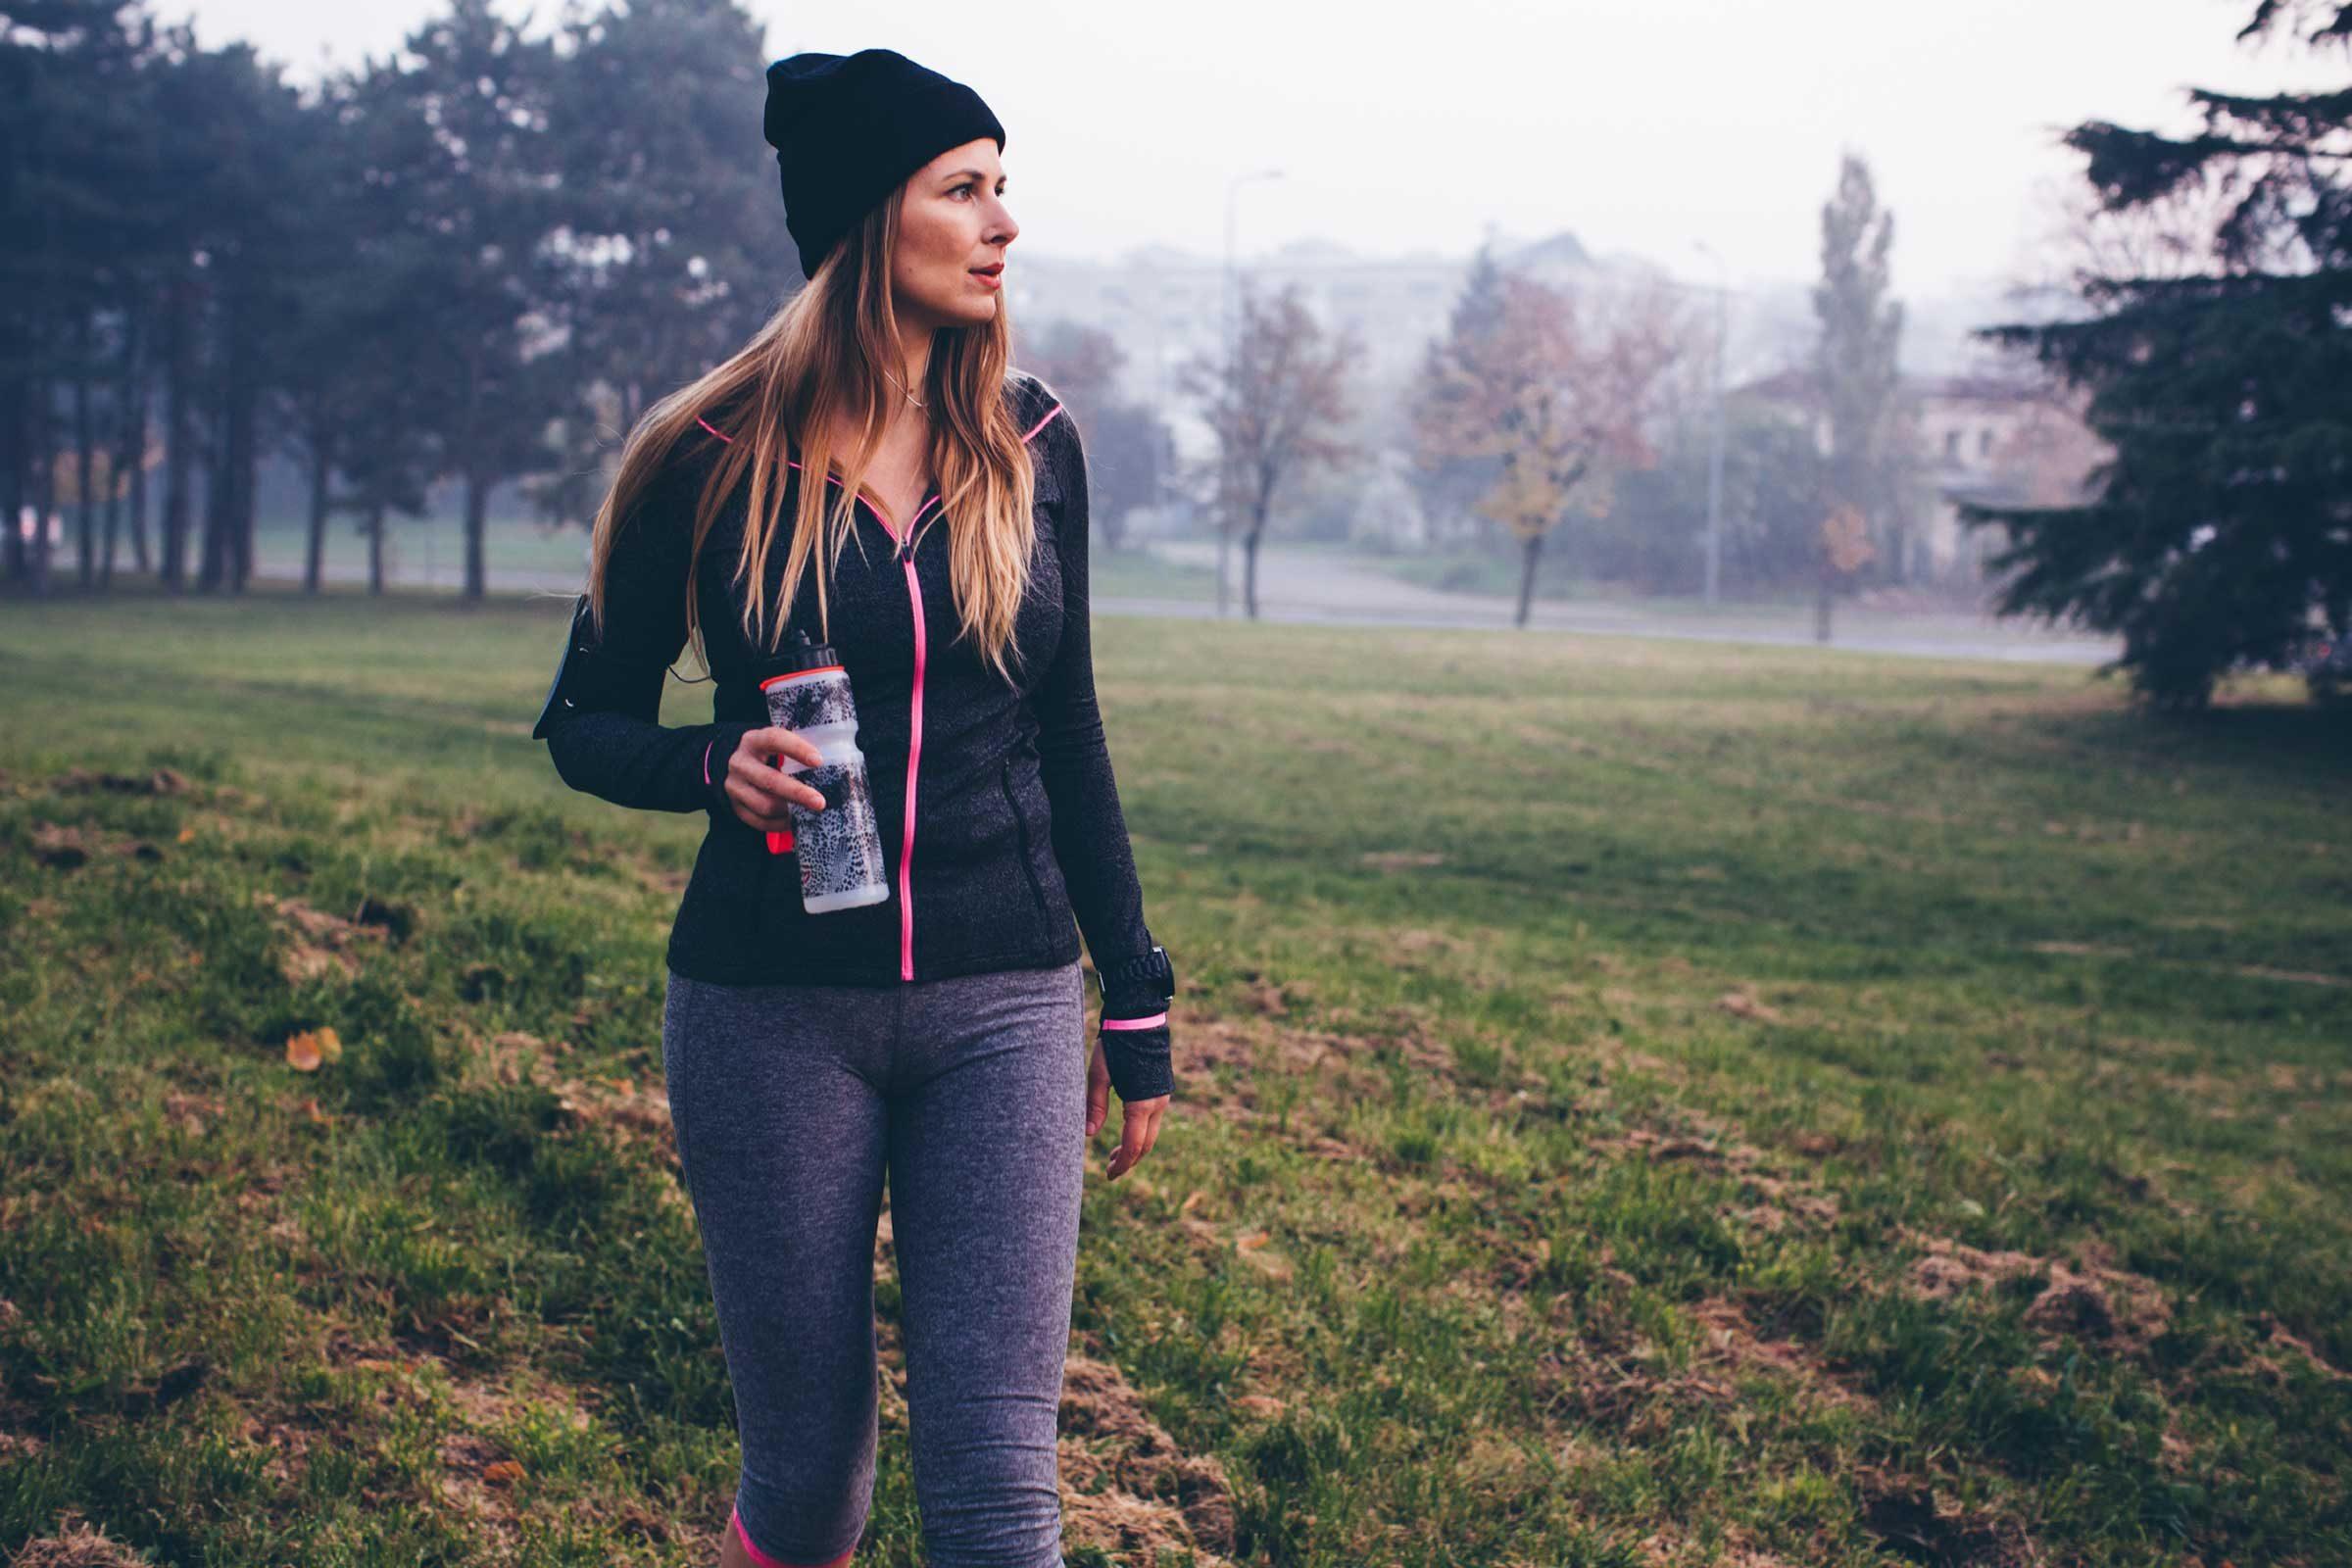 Marcher est un bon truc pour perdre du poids.